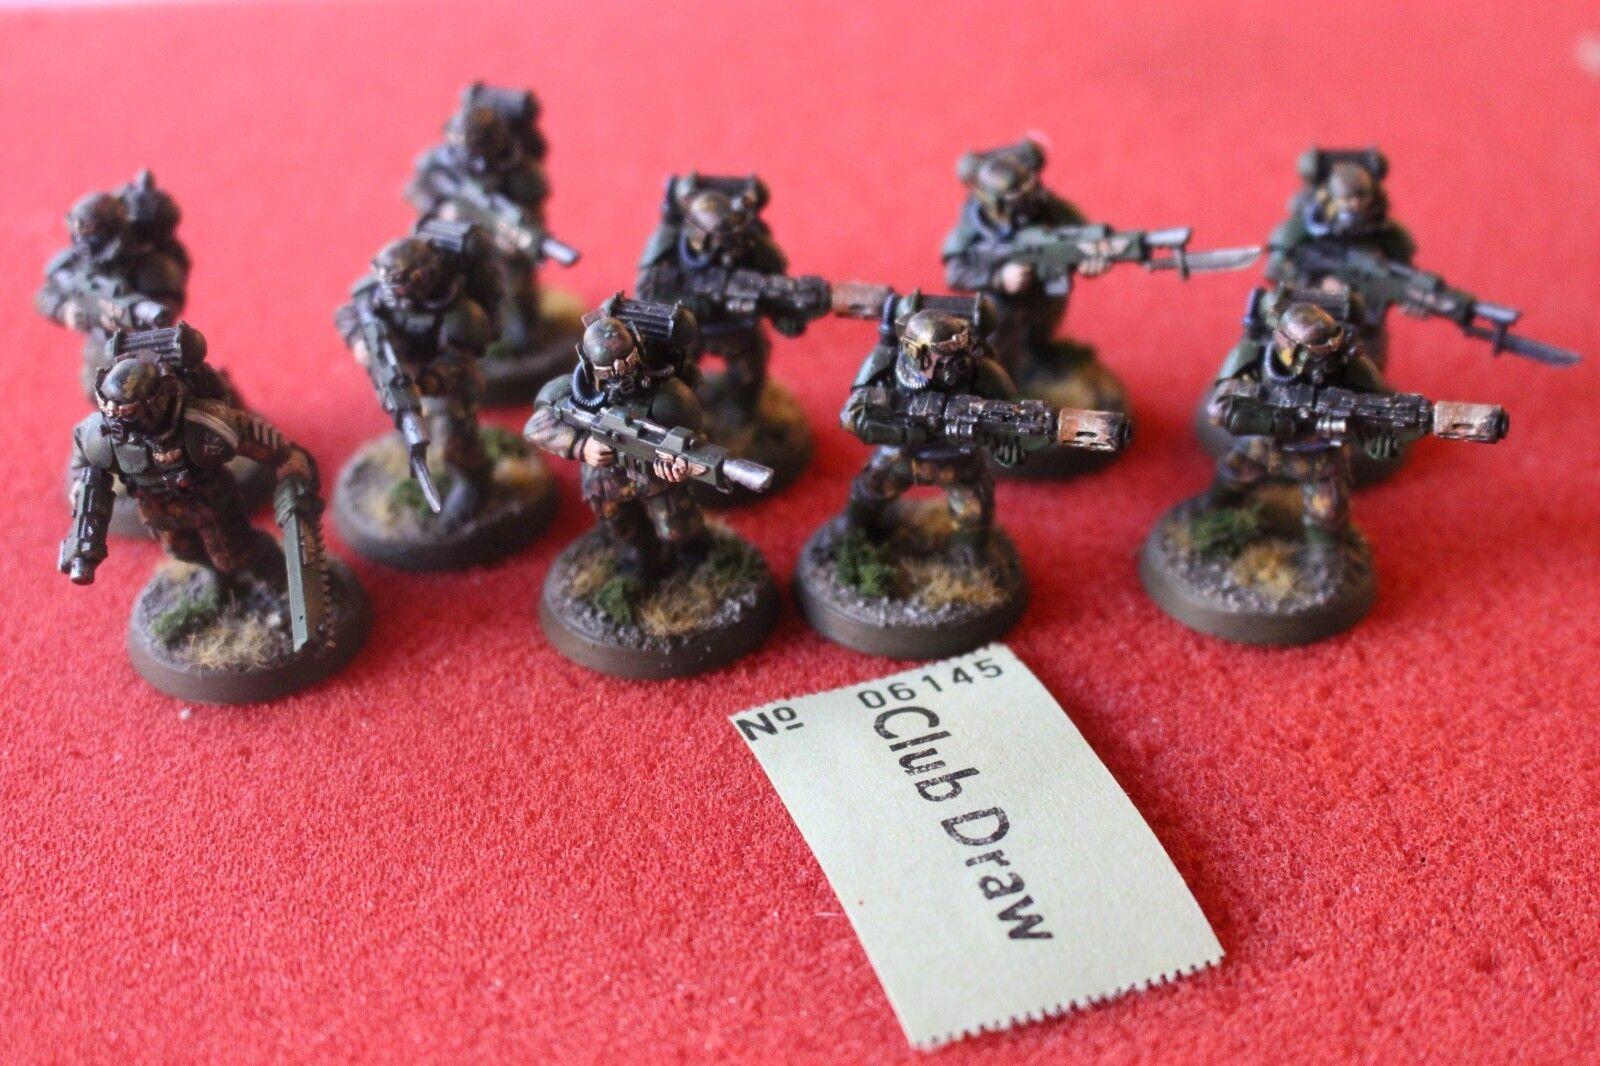 Games Workshop Warhammer 40k Forgeworld Cadian Infantry Squad with Respirators